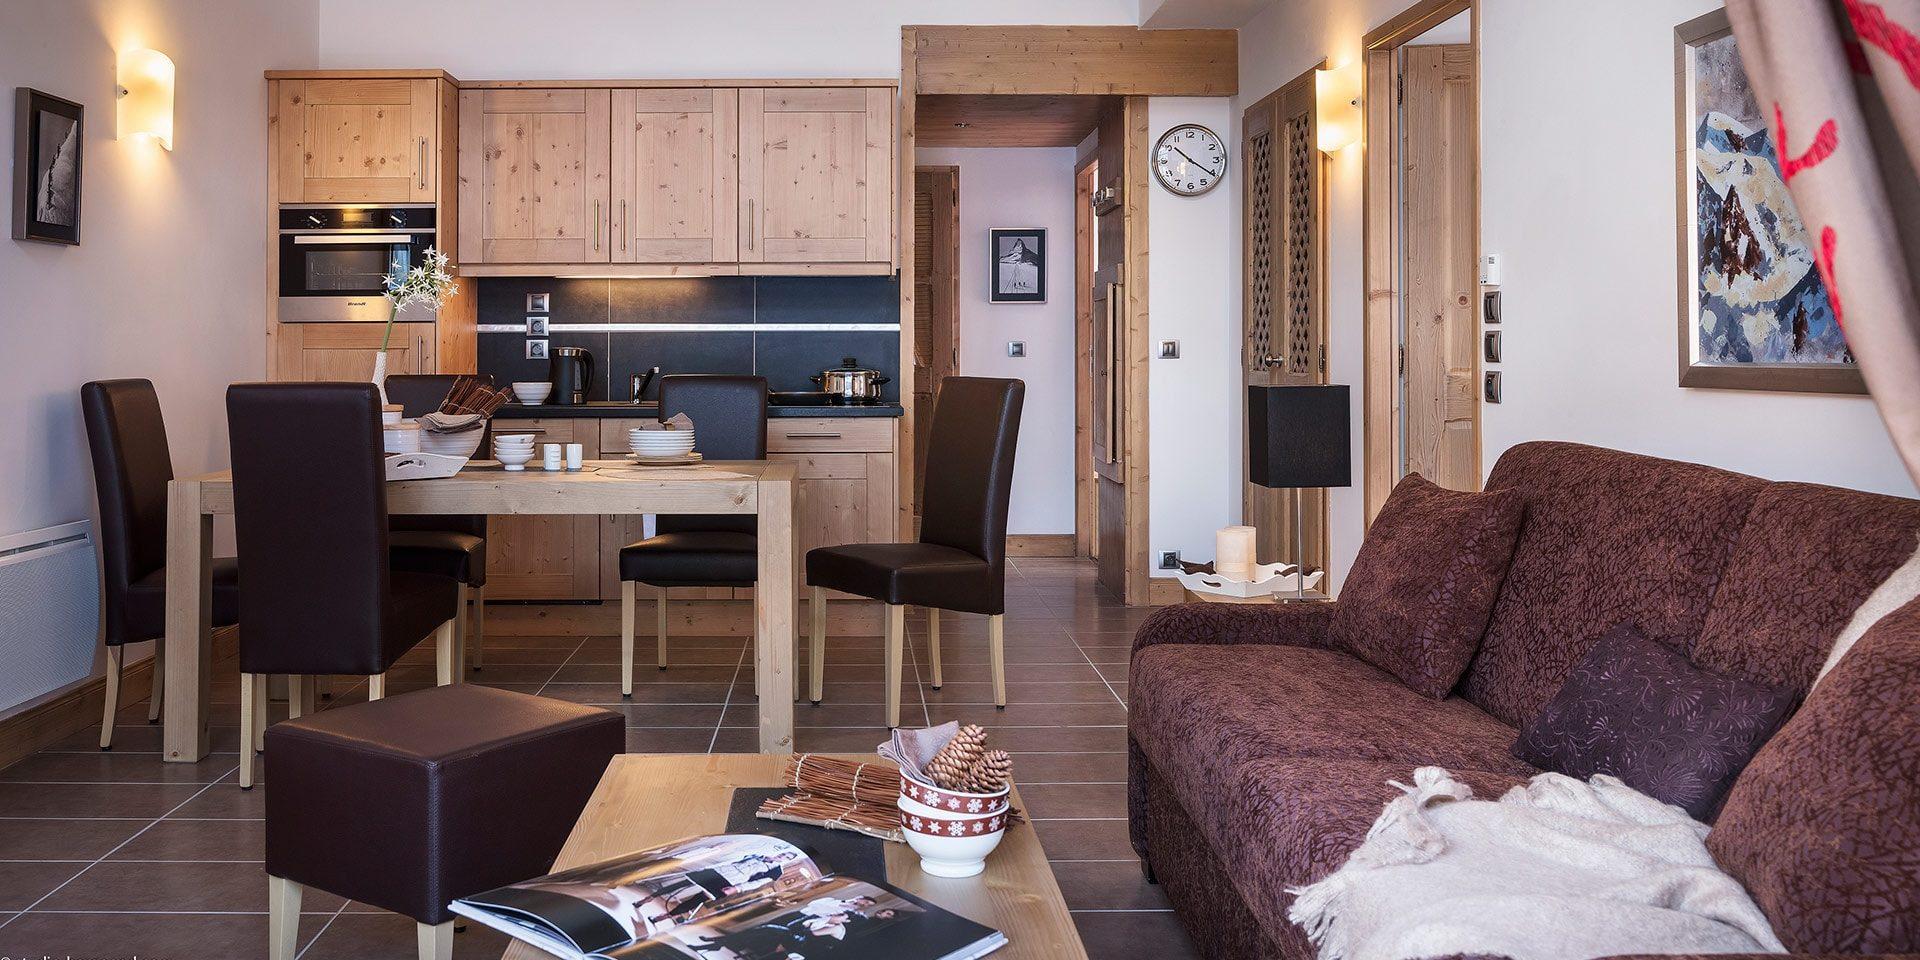 CGH Kalinda Tignes Les Boisses Tignes-Val d'Isere Frankrijk wintersport skivakantie luxe appartement open keuken eettafel gezellig eten samen gezin vrienden groep bank comfortabel modern